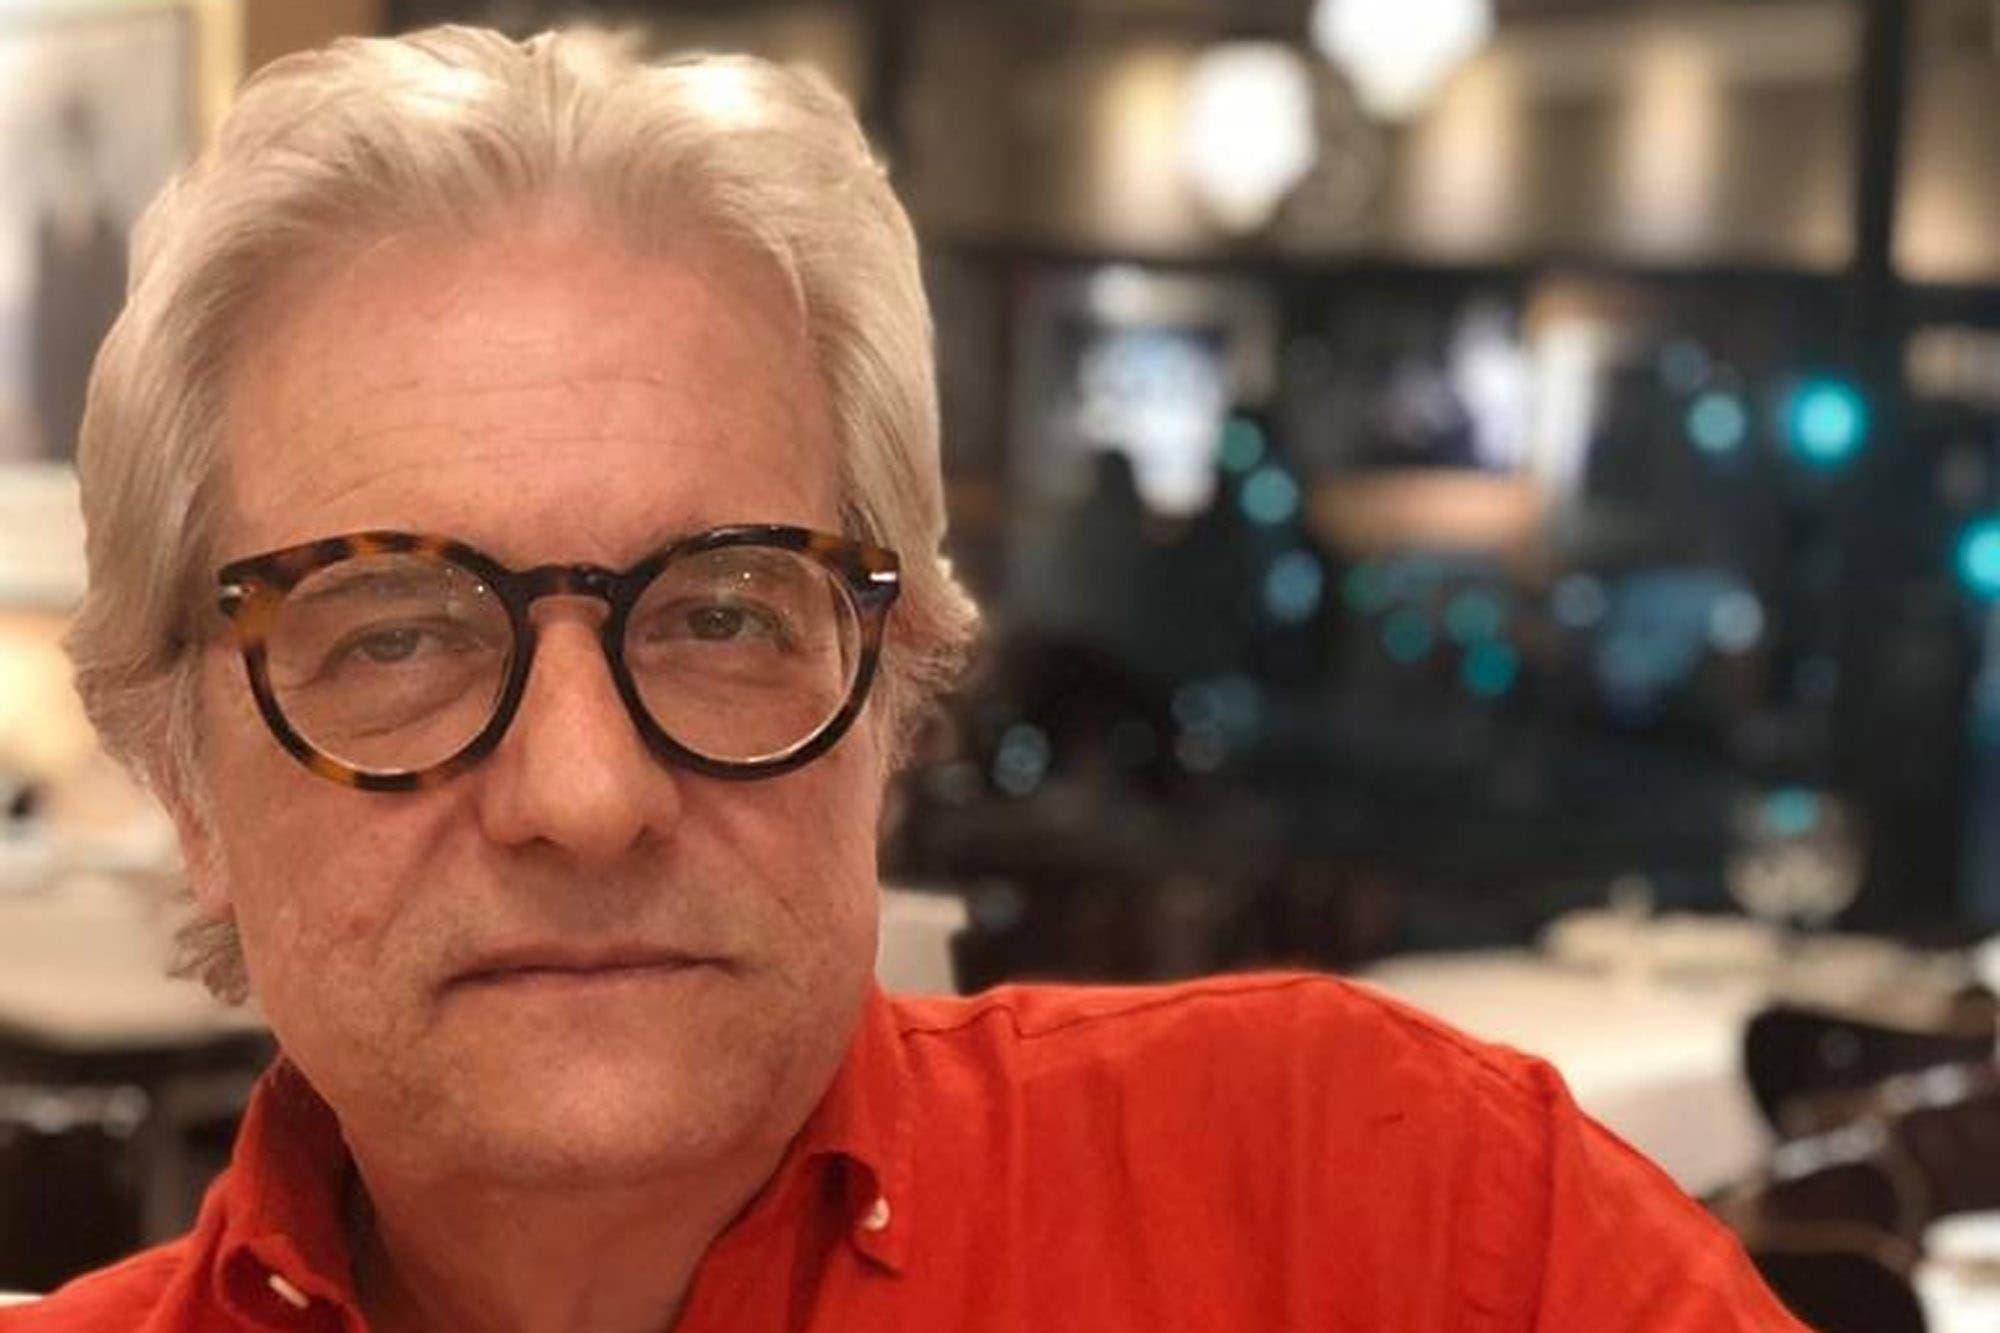 """Ángel Faretta: """"El cine, cuando es cine, puede verse de cualquier modo"""""""